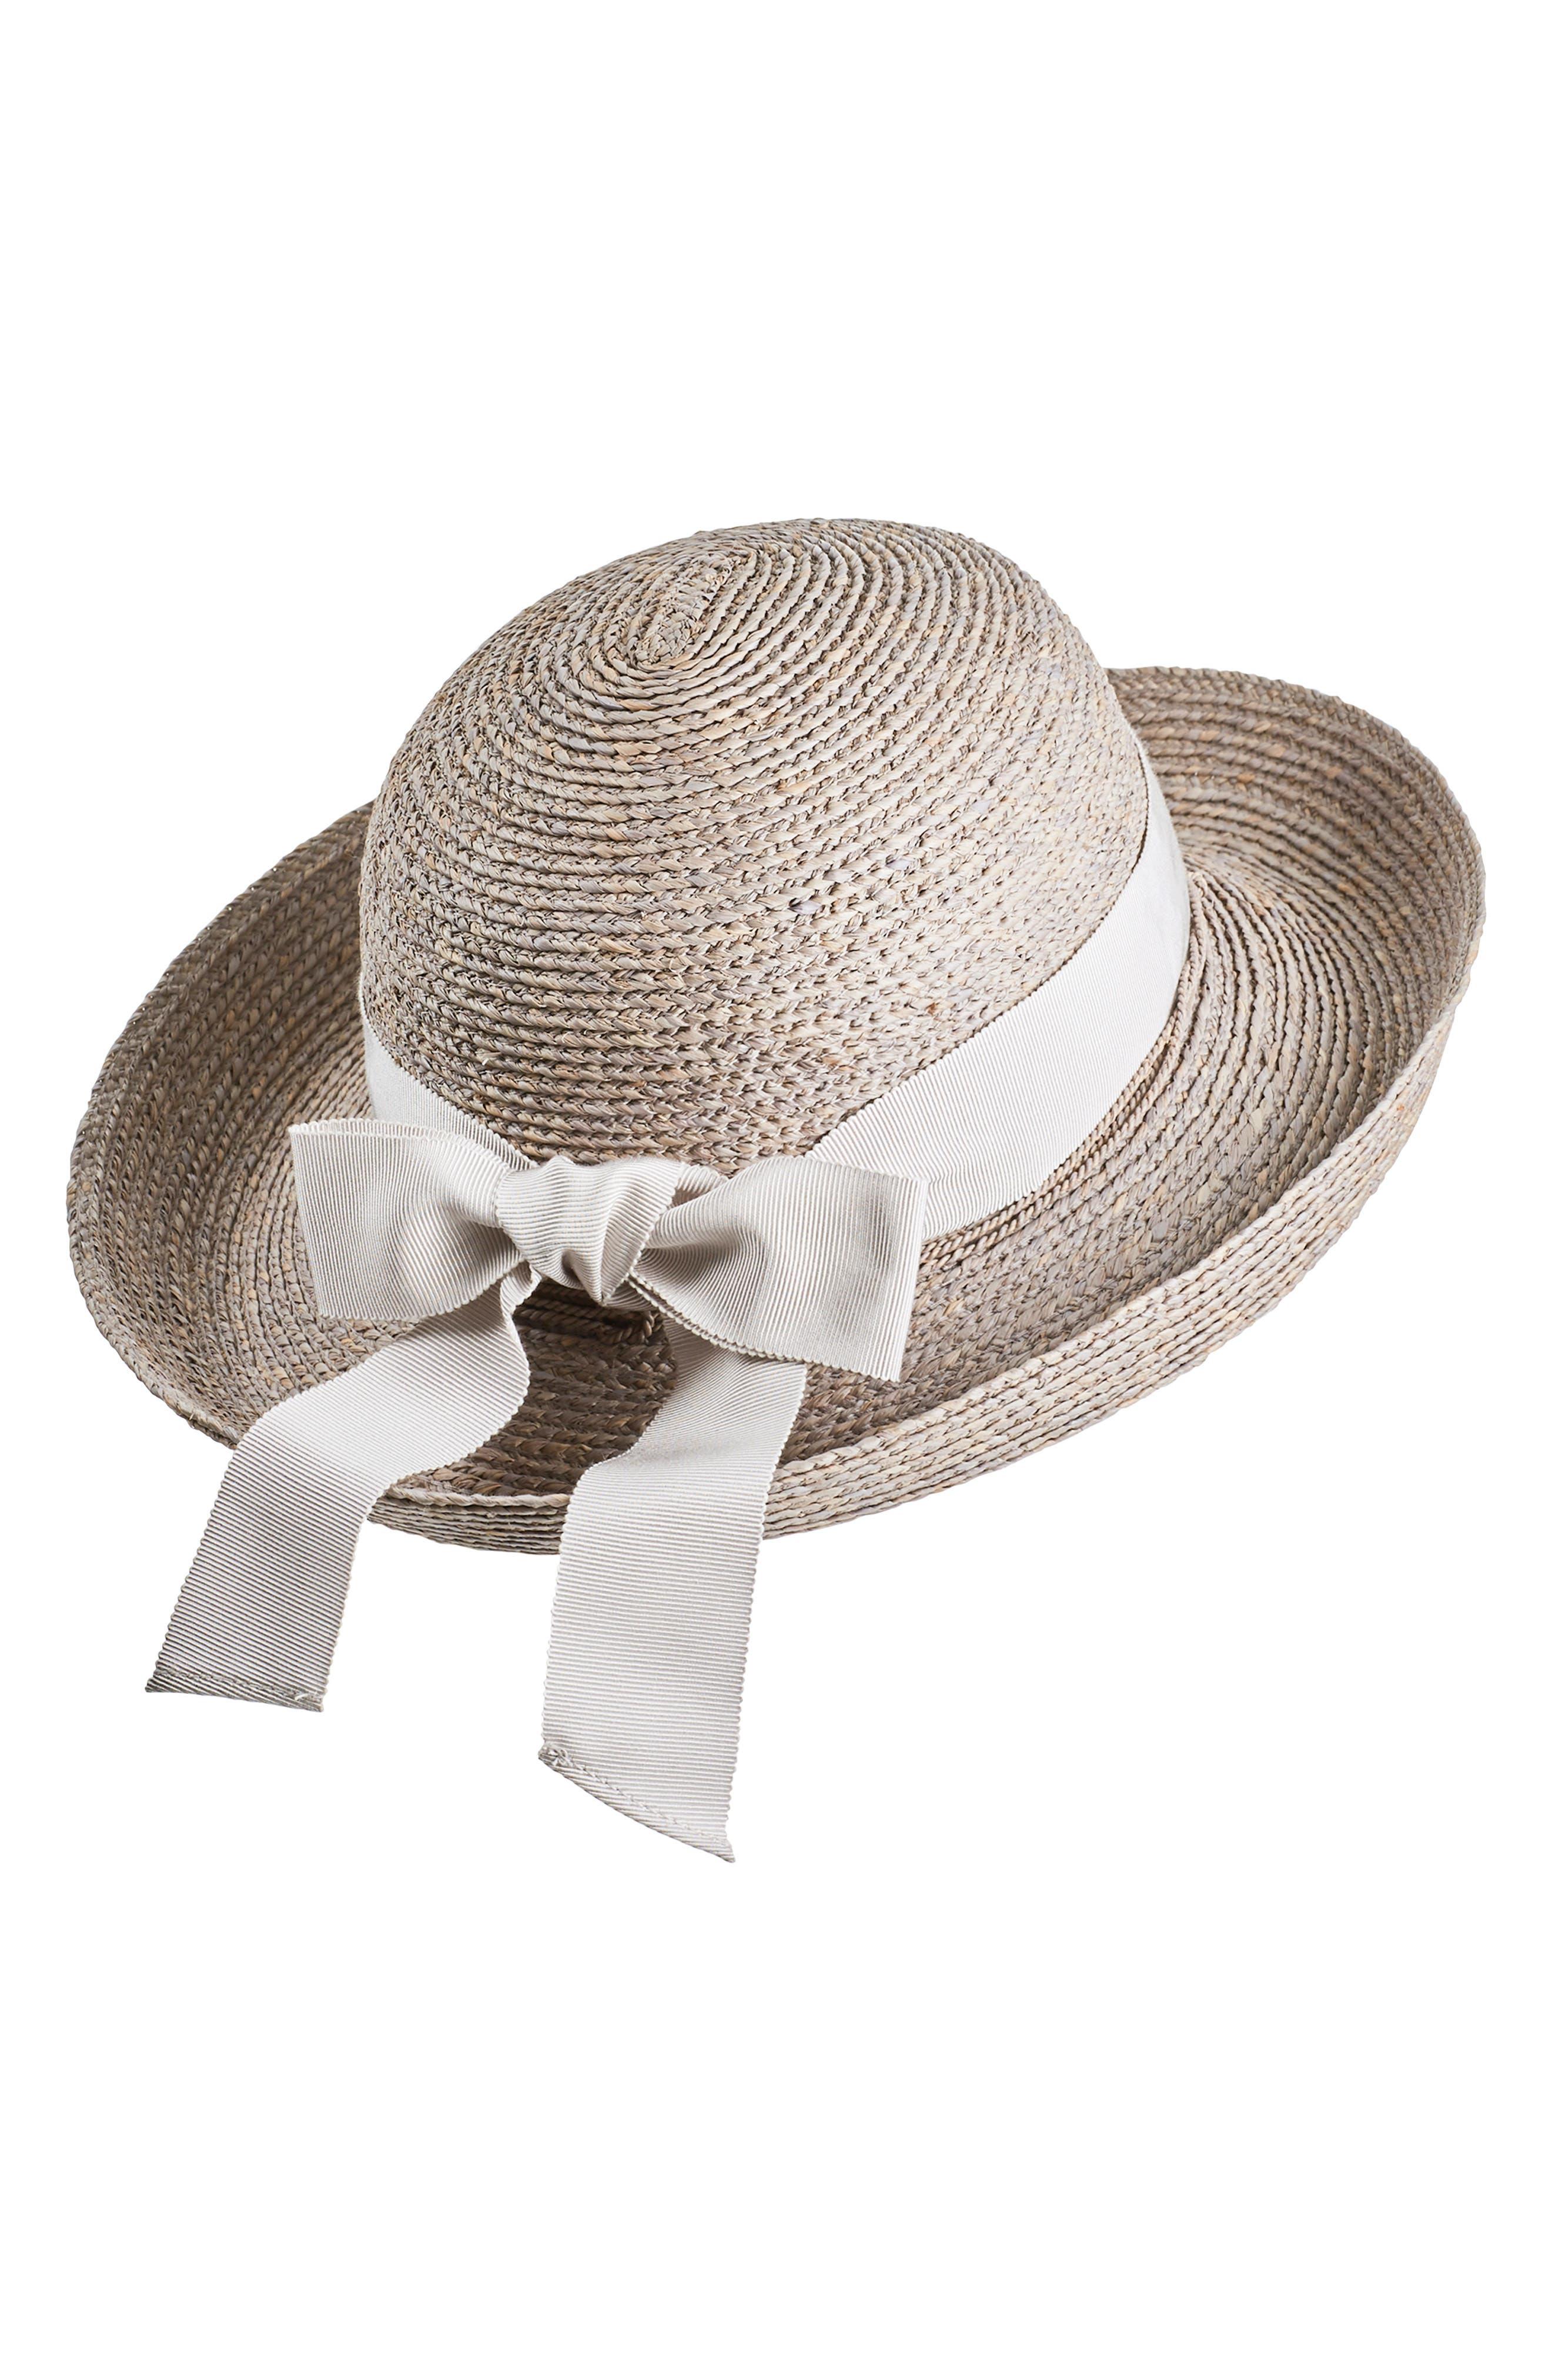 15466bc0d3f Helen kaminski newport raffia straw hat main color eclipse moonlight jpg  780x1196 Helen kaminski straw hats